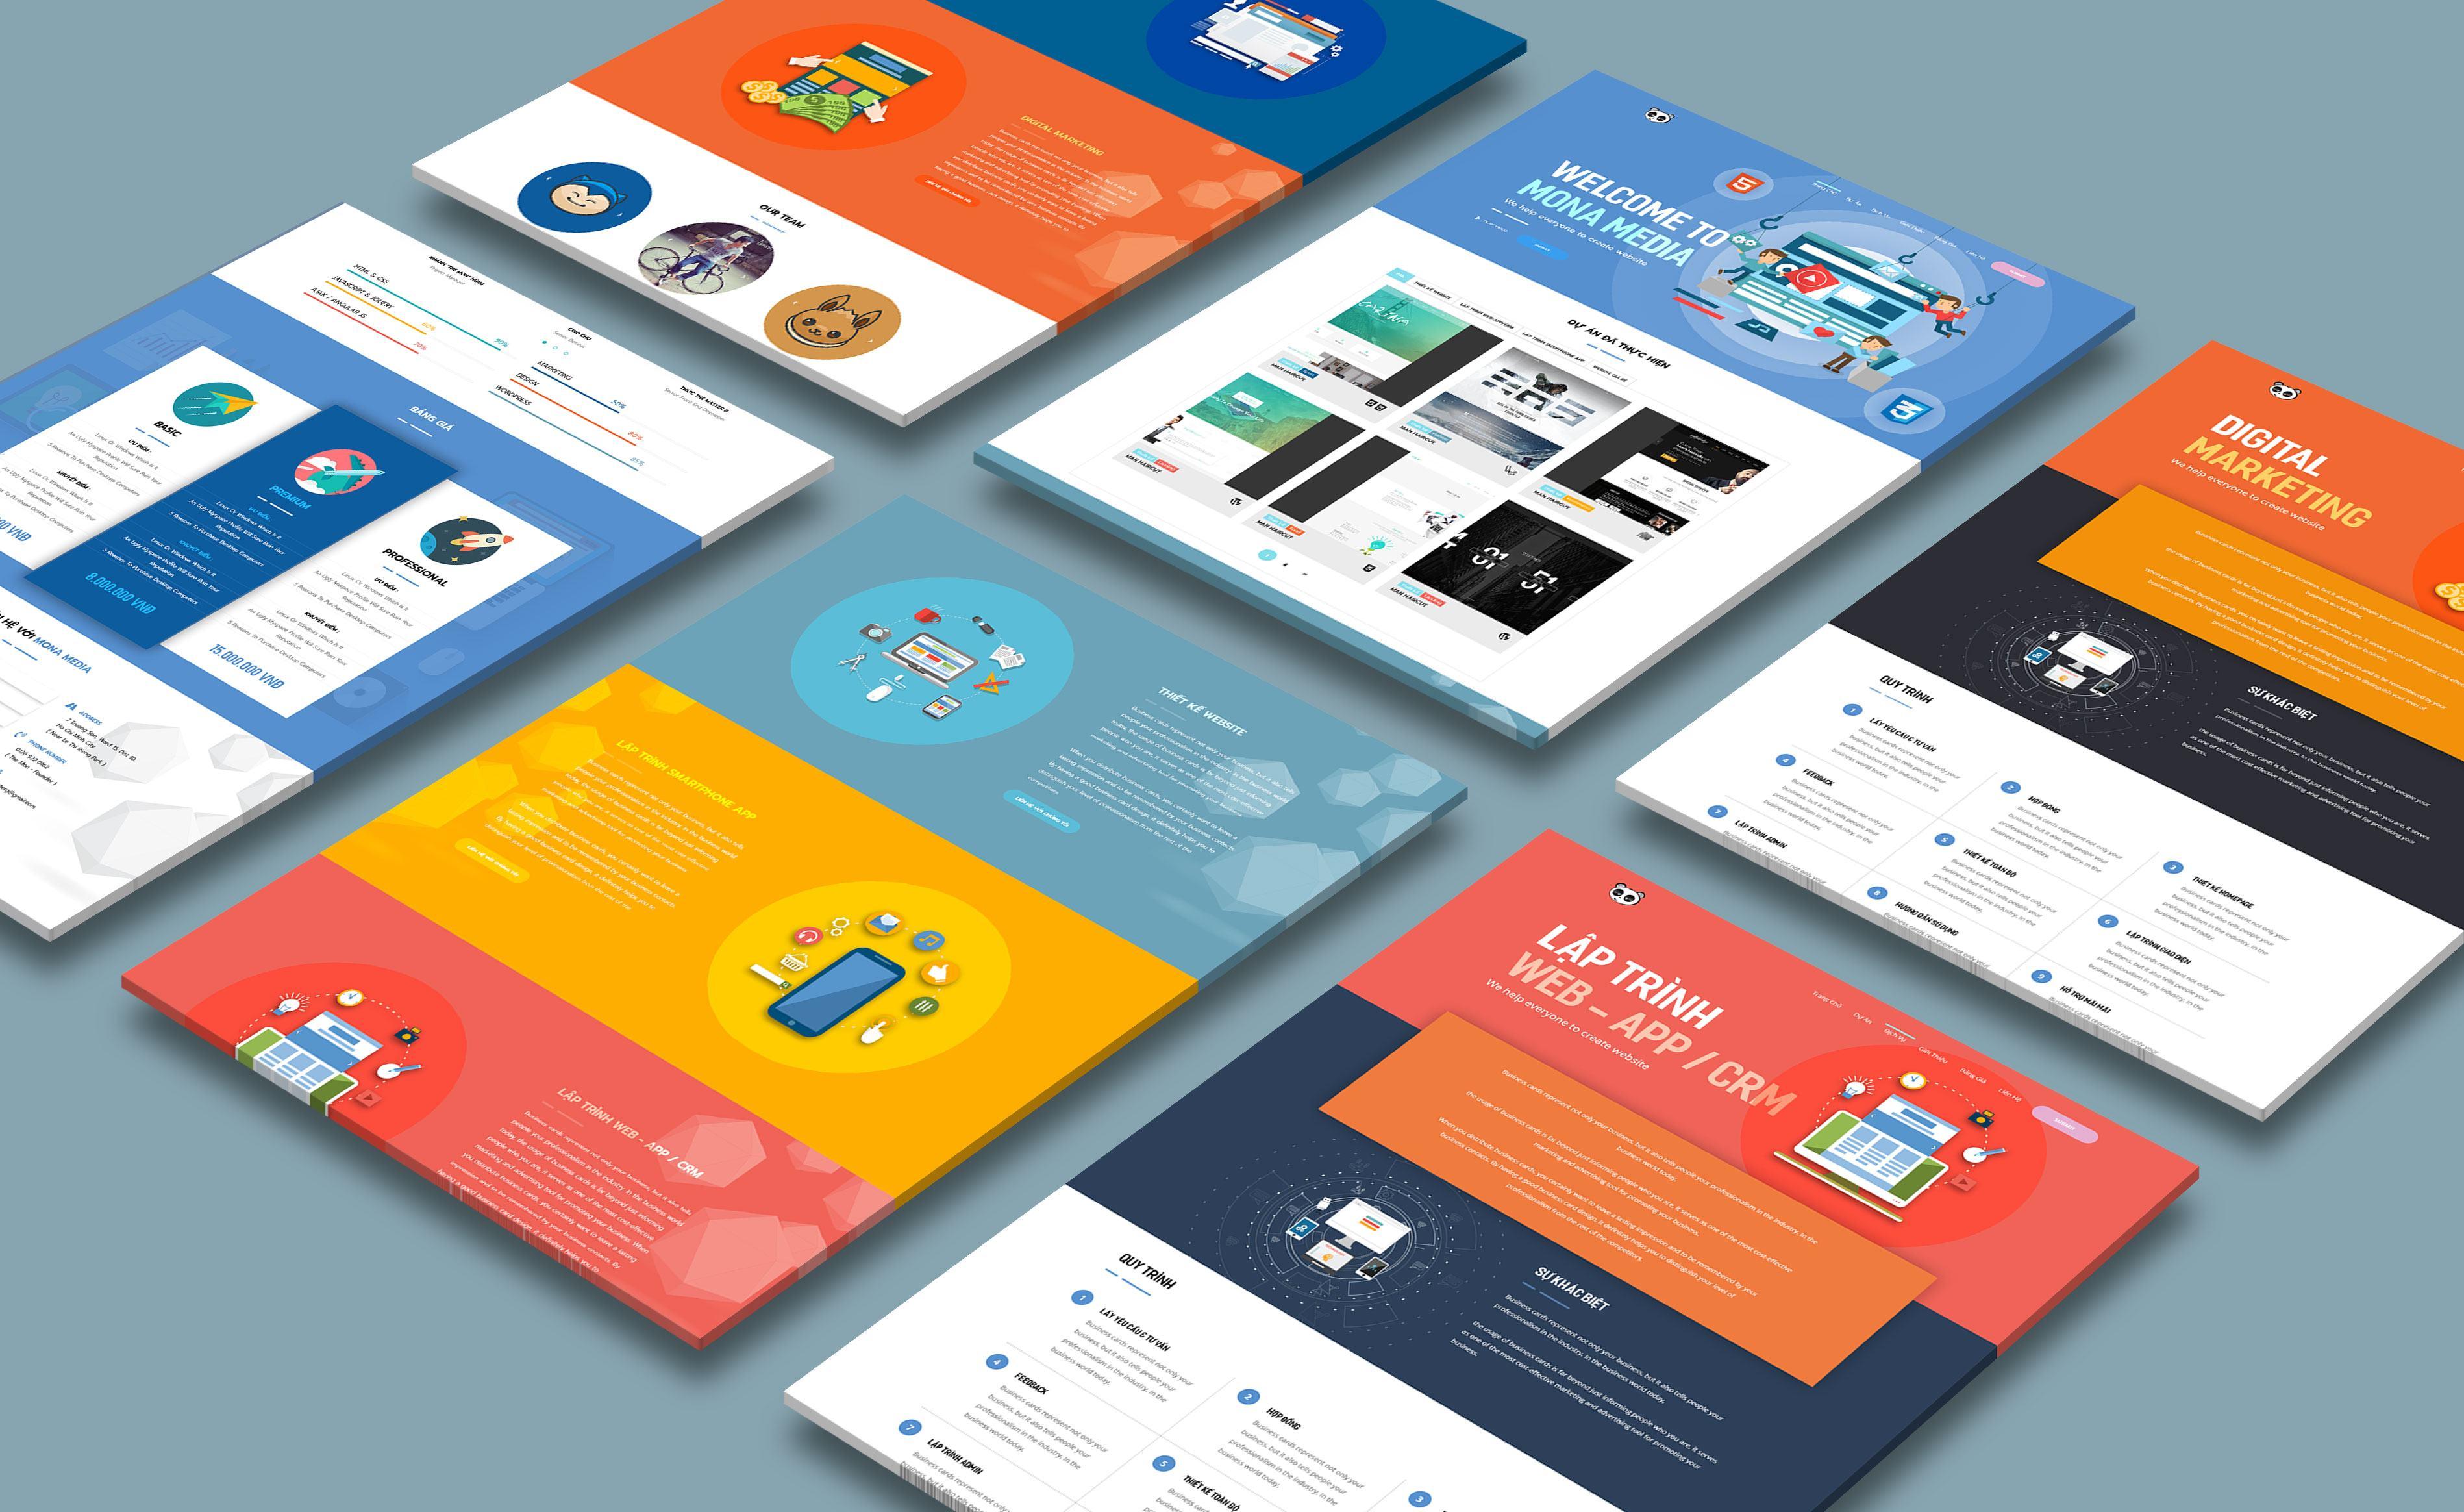 Mona Media - Công ty thiết kế website cao cấp, chuyên nghiệp